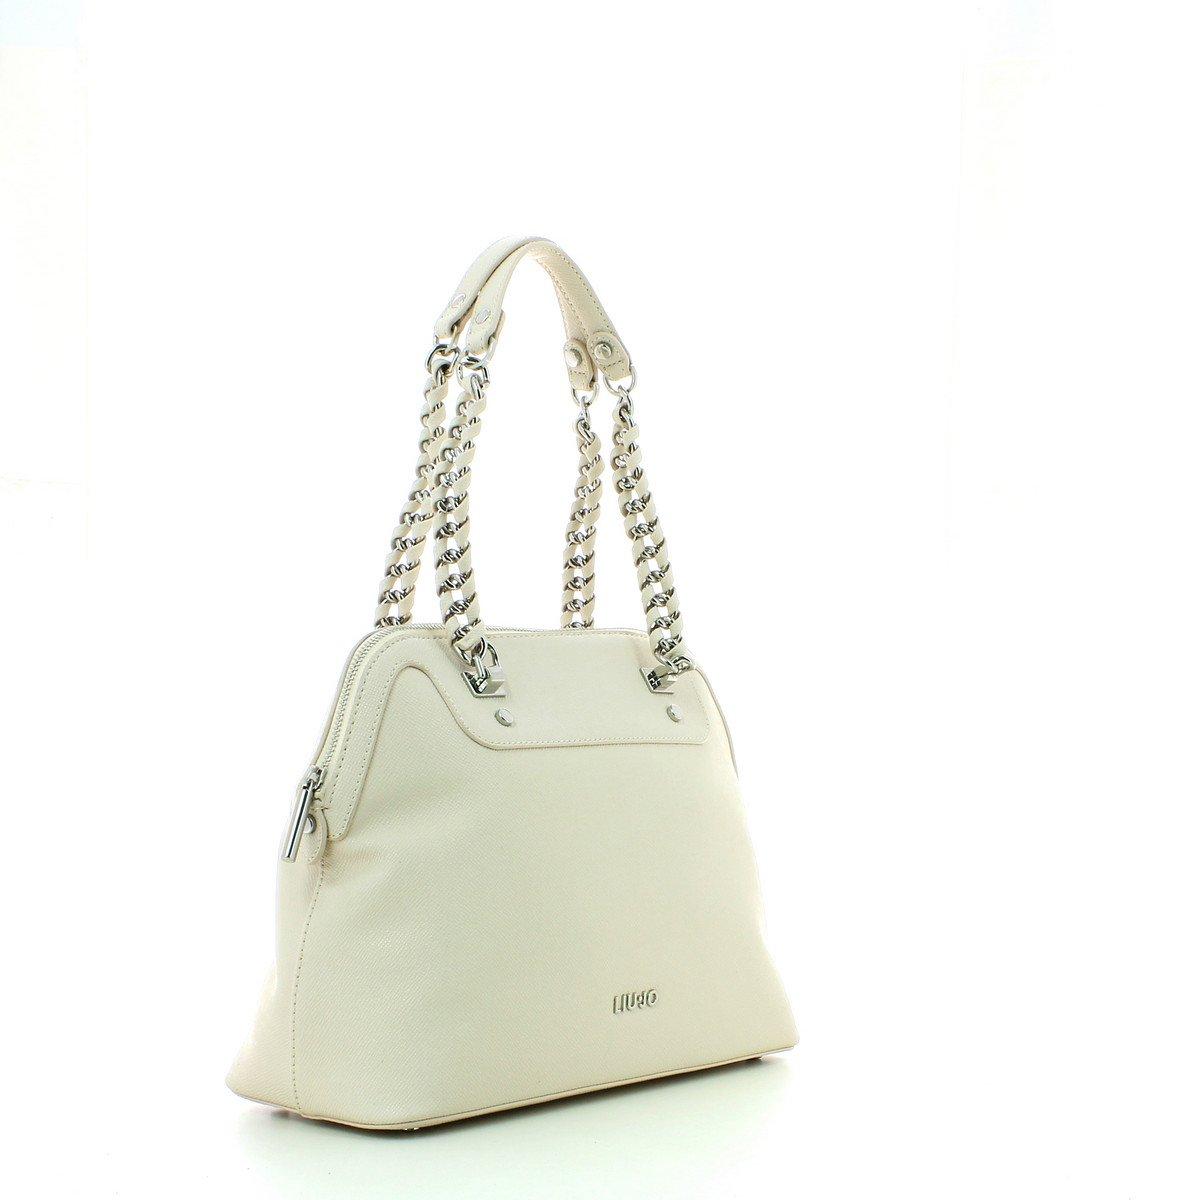 LIU JO ANNA CHAIN SHOPPING BAG M A17001E0087